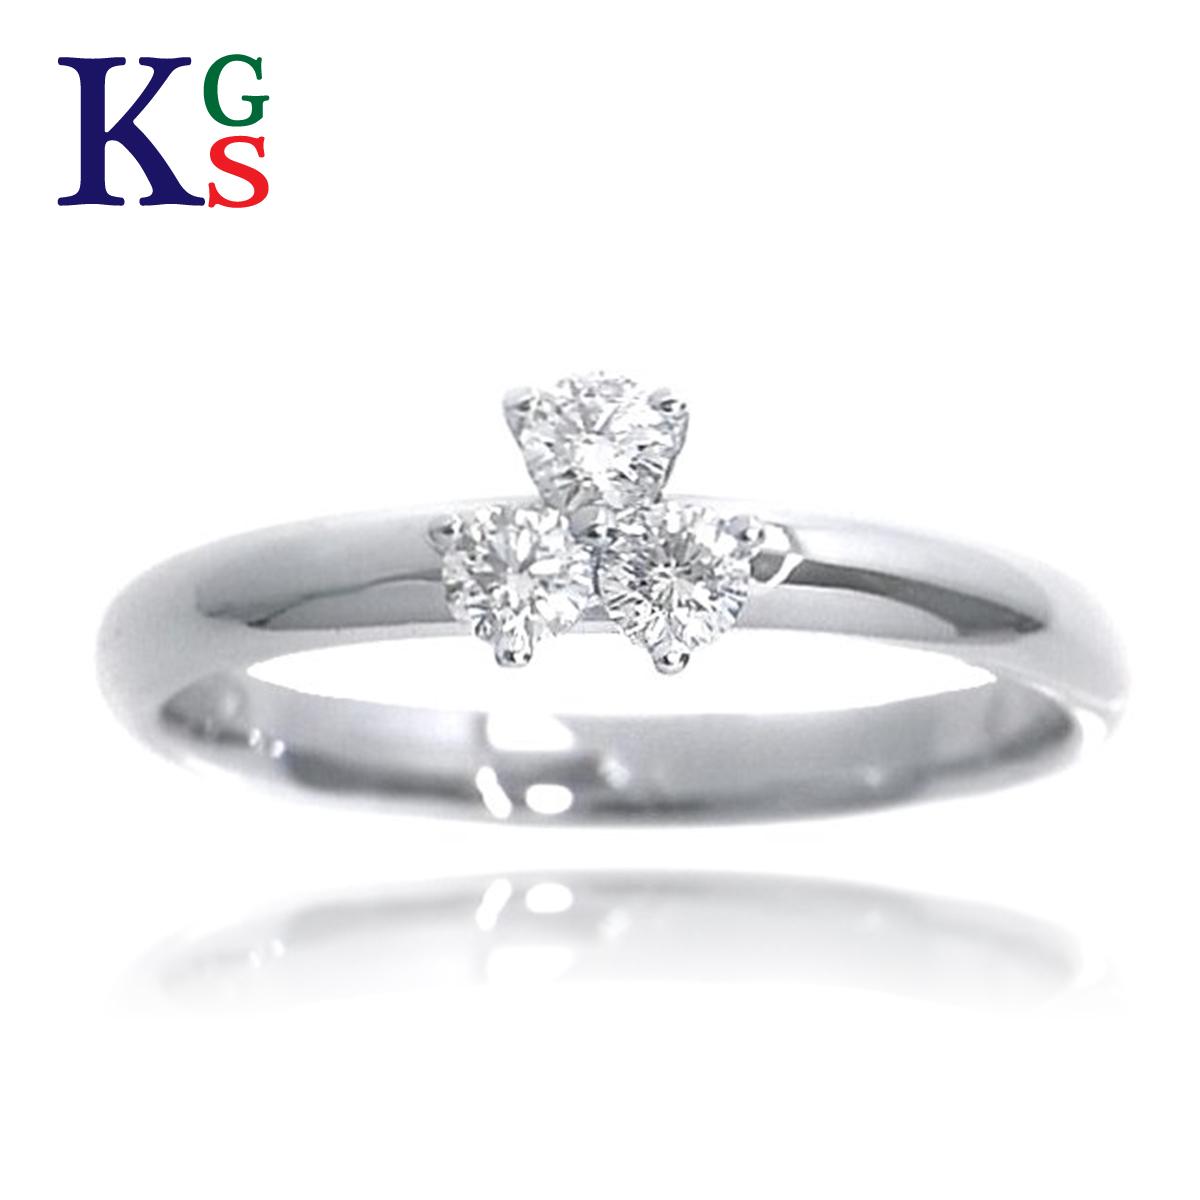 【ギフト品質】【名入れ】ティファニー/Tiffany&Co リング 指輪 エンゲージリング 婚約指輪 レディース プラチナ / Pt950 プラチナ / アリア 3Pダイヤ 1227